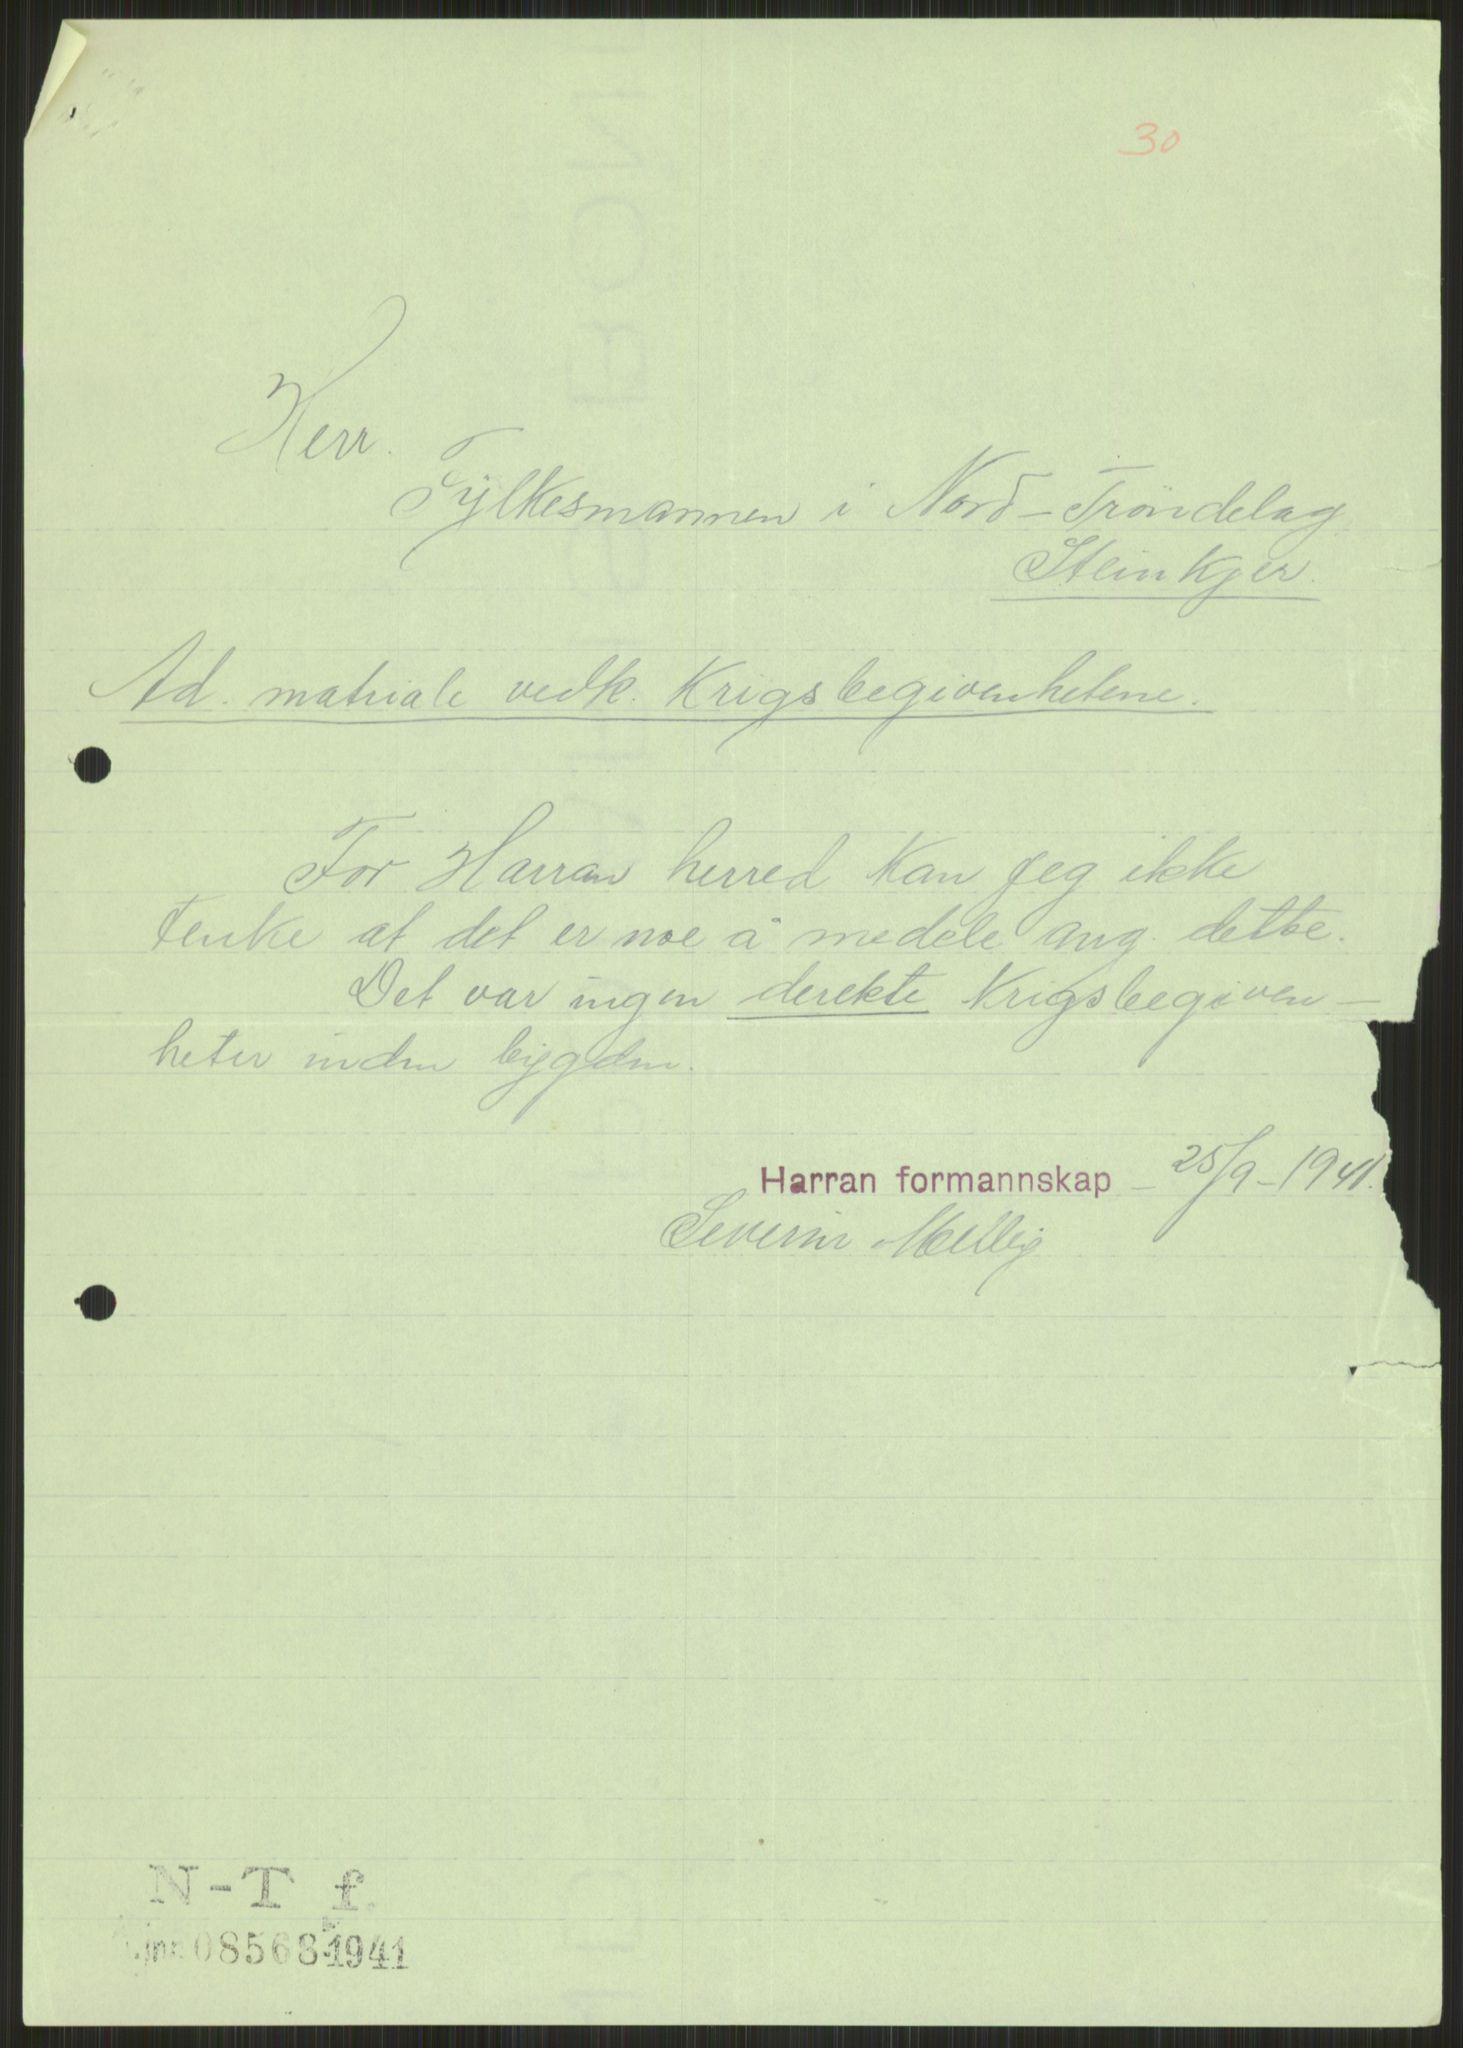 RA, Forsvaret, Forsvarets krigshistoriske avdeling, Y/Ya/L0016: II-C-11-31 - Fylkesmenn.  Rapporter om krigsbegivenhetene 1940., 1940, p. 469